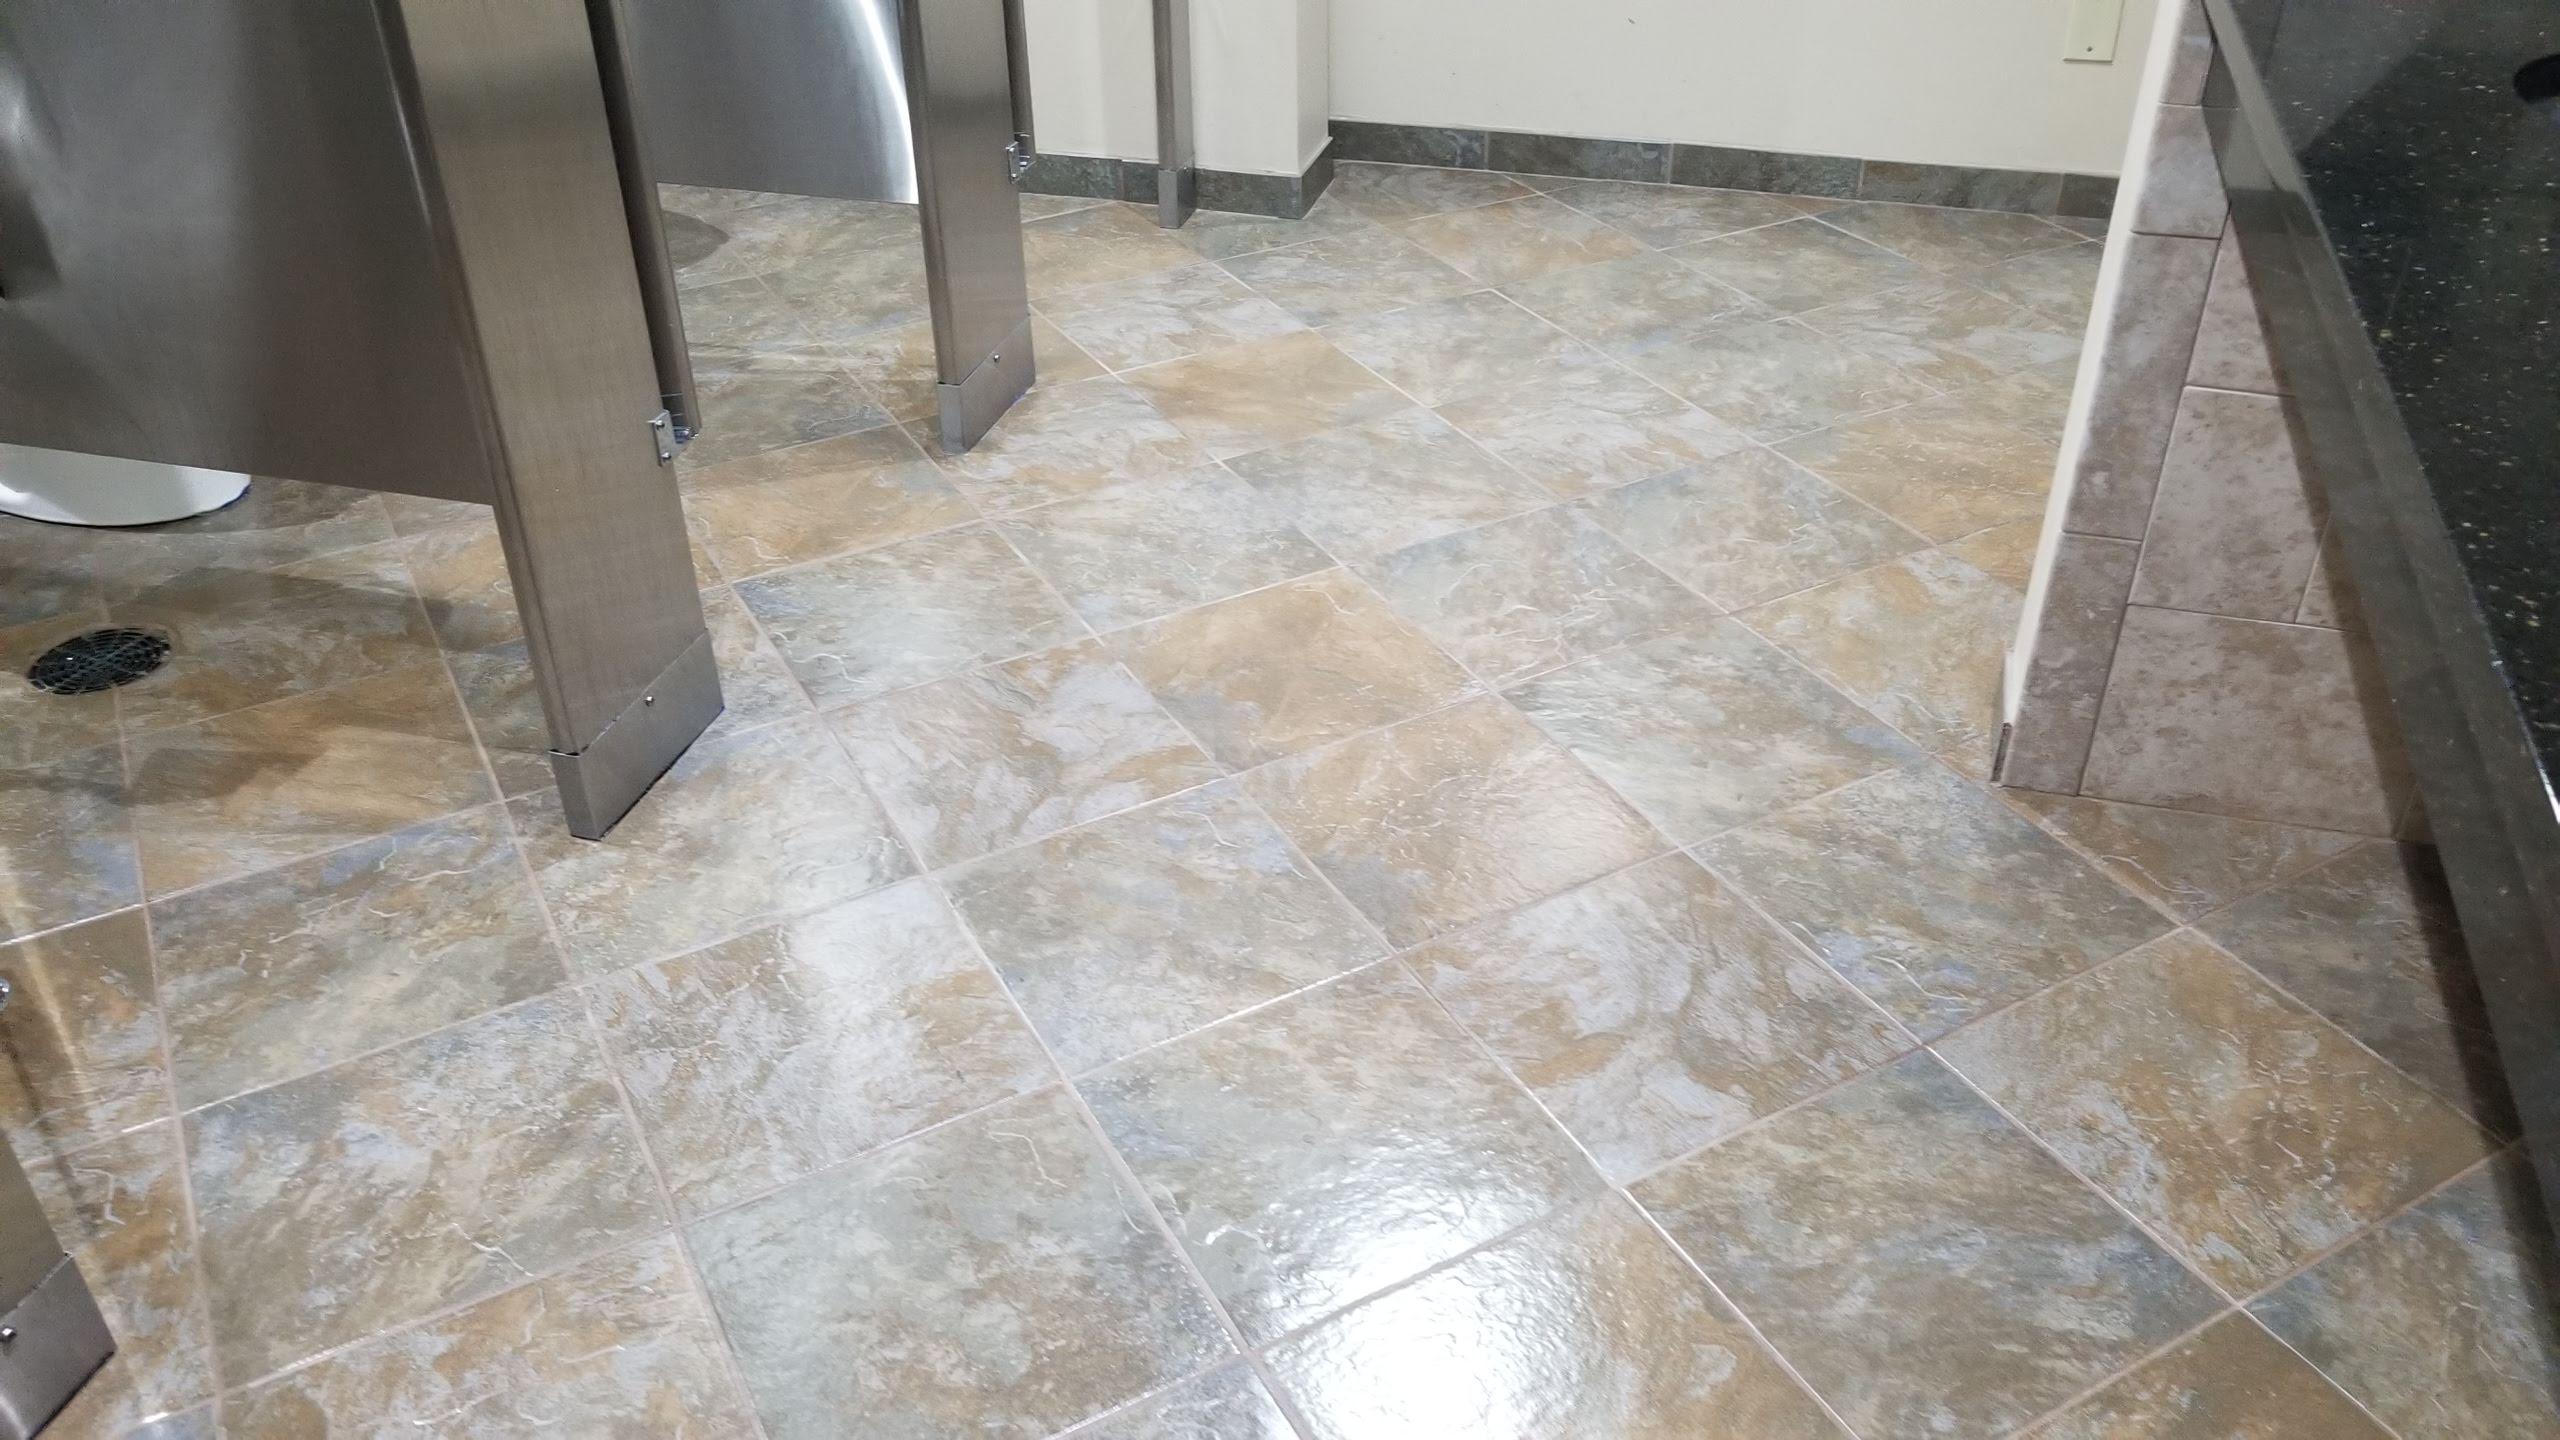 GlazeGuard Ceramic & Porcelain Tile Sealer Satin Finish